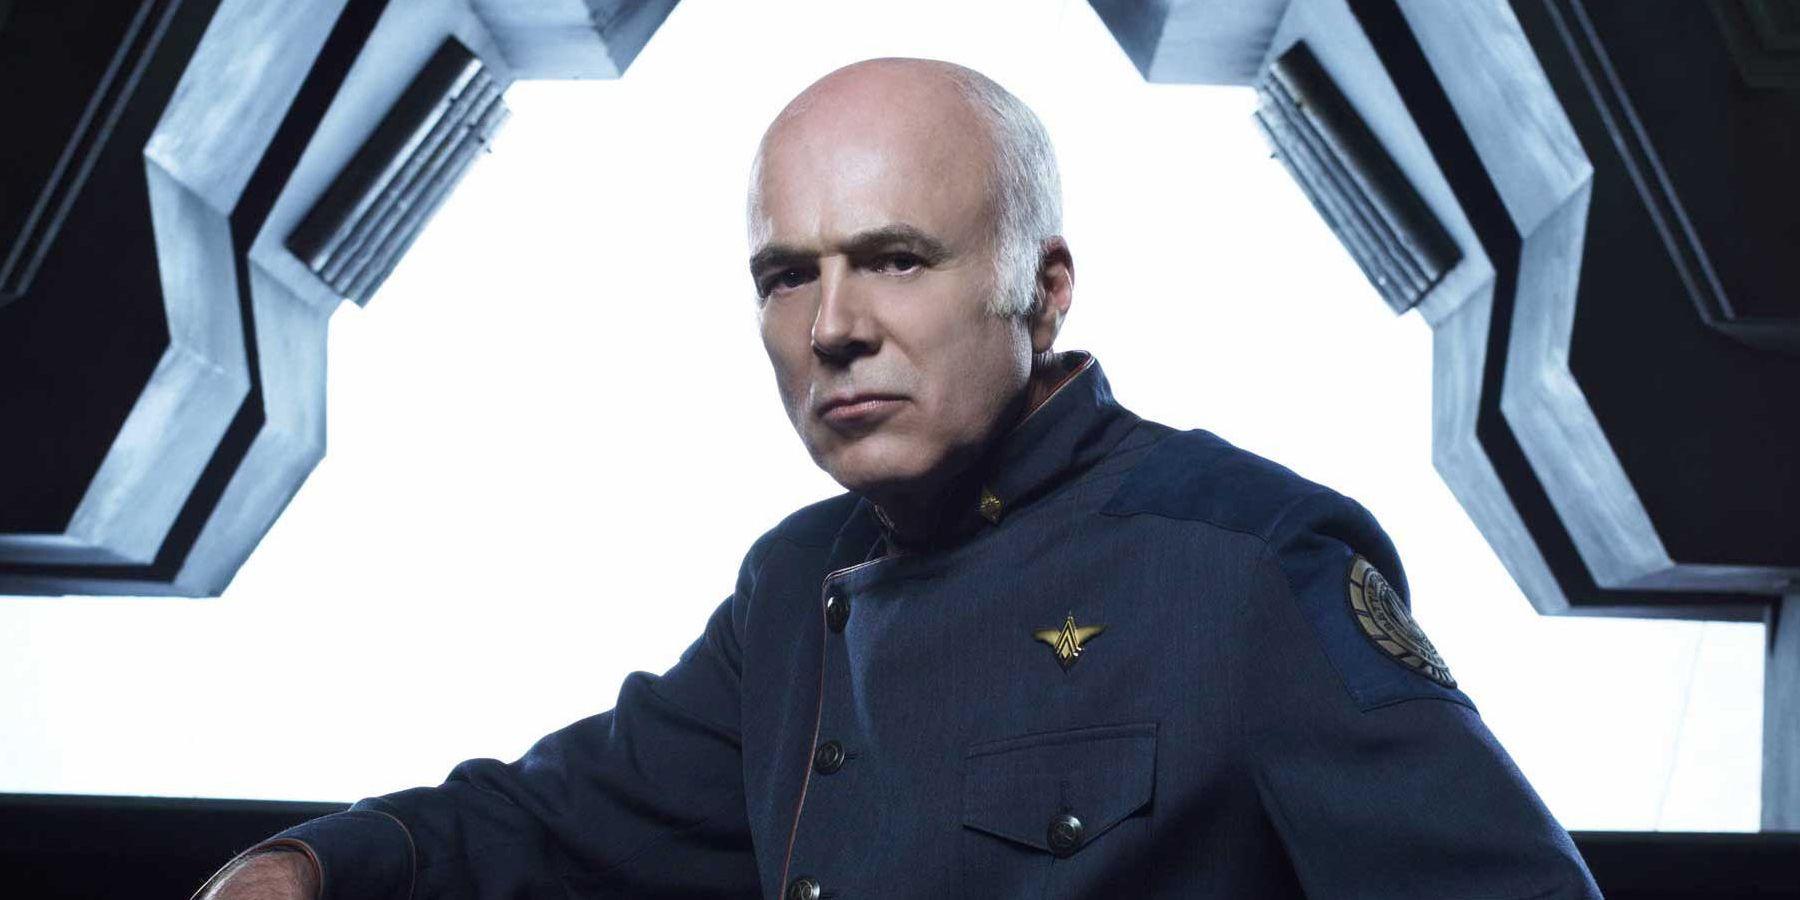 Battlestar Galactica: Classificando cada modelo de Cylon com base em quão icônicos eles são 10